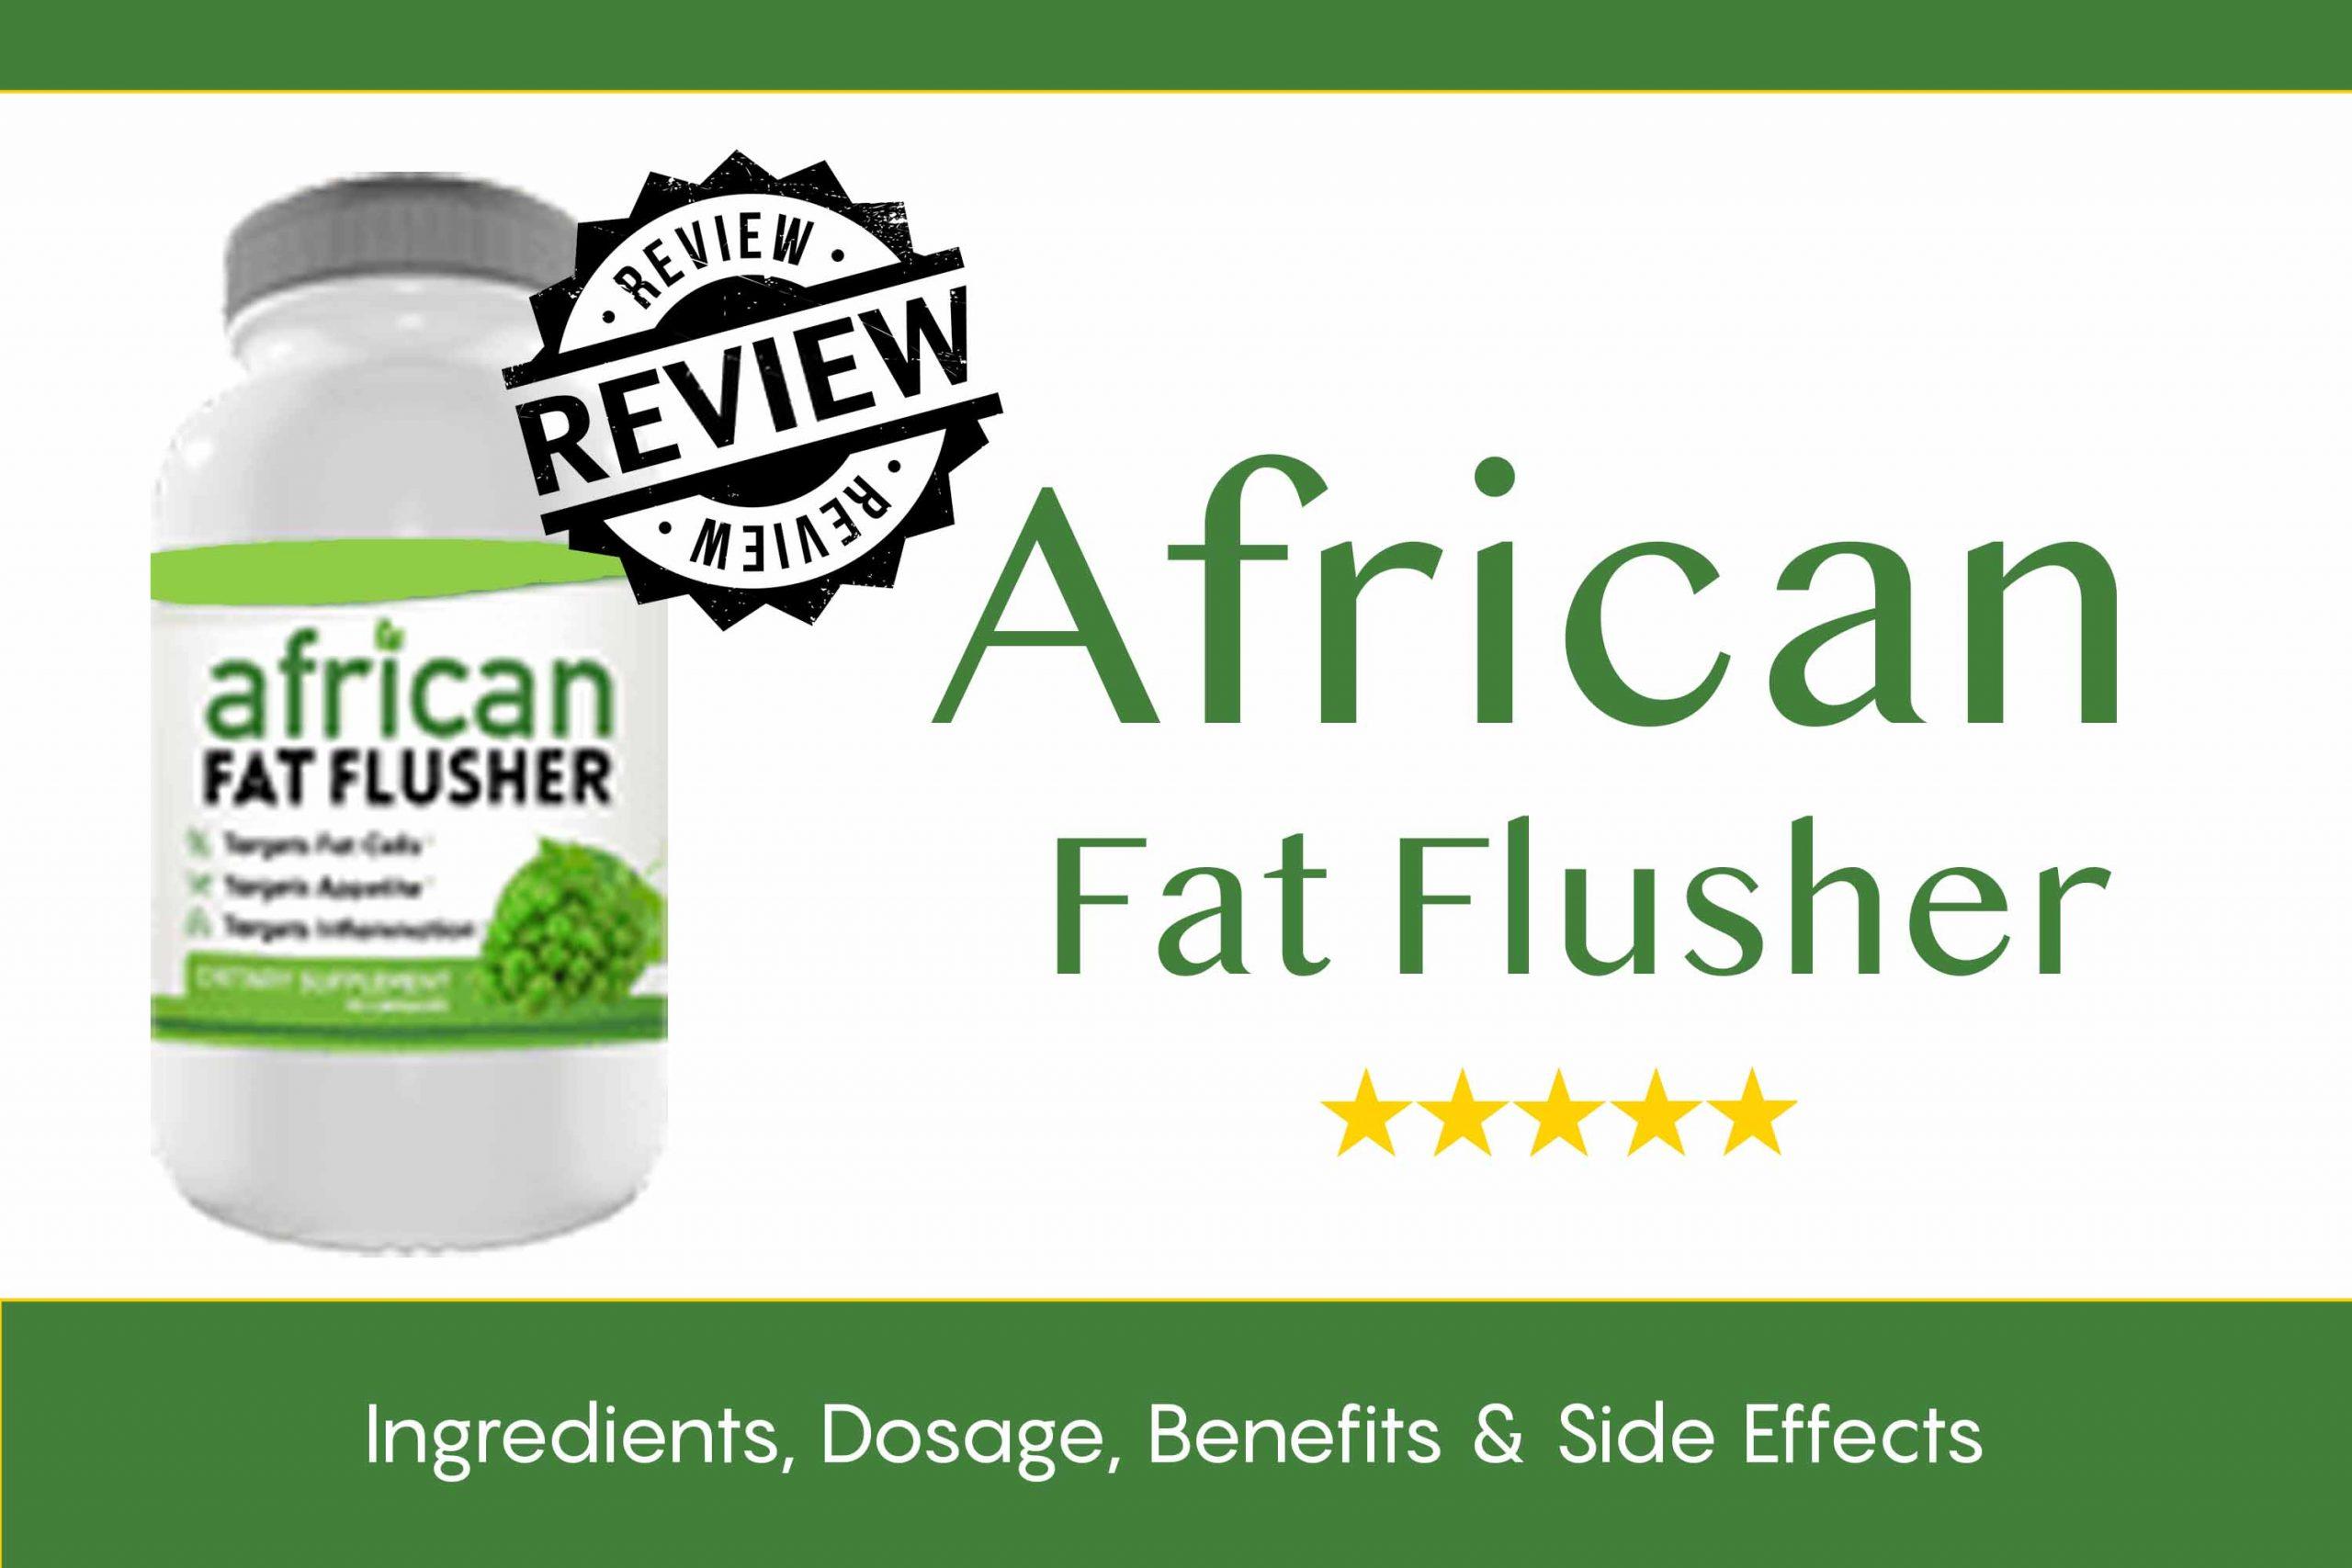 African Fat Flusher Diet